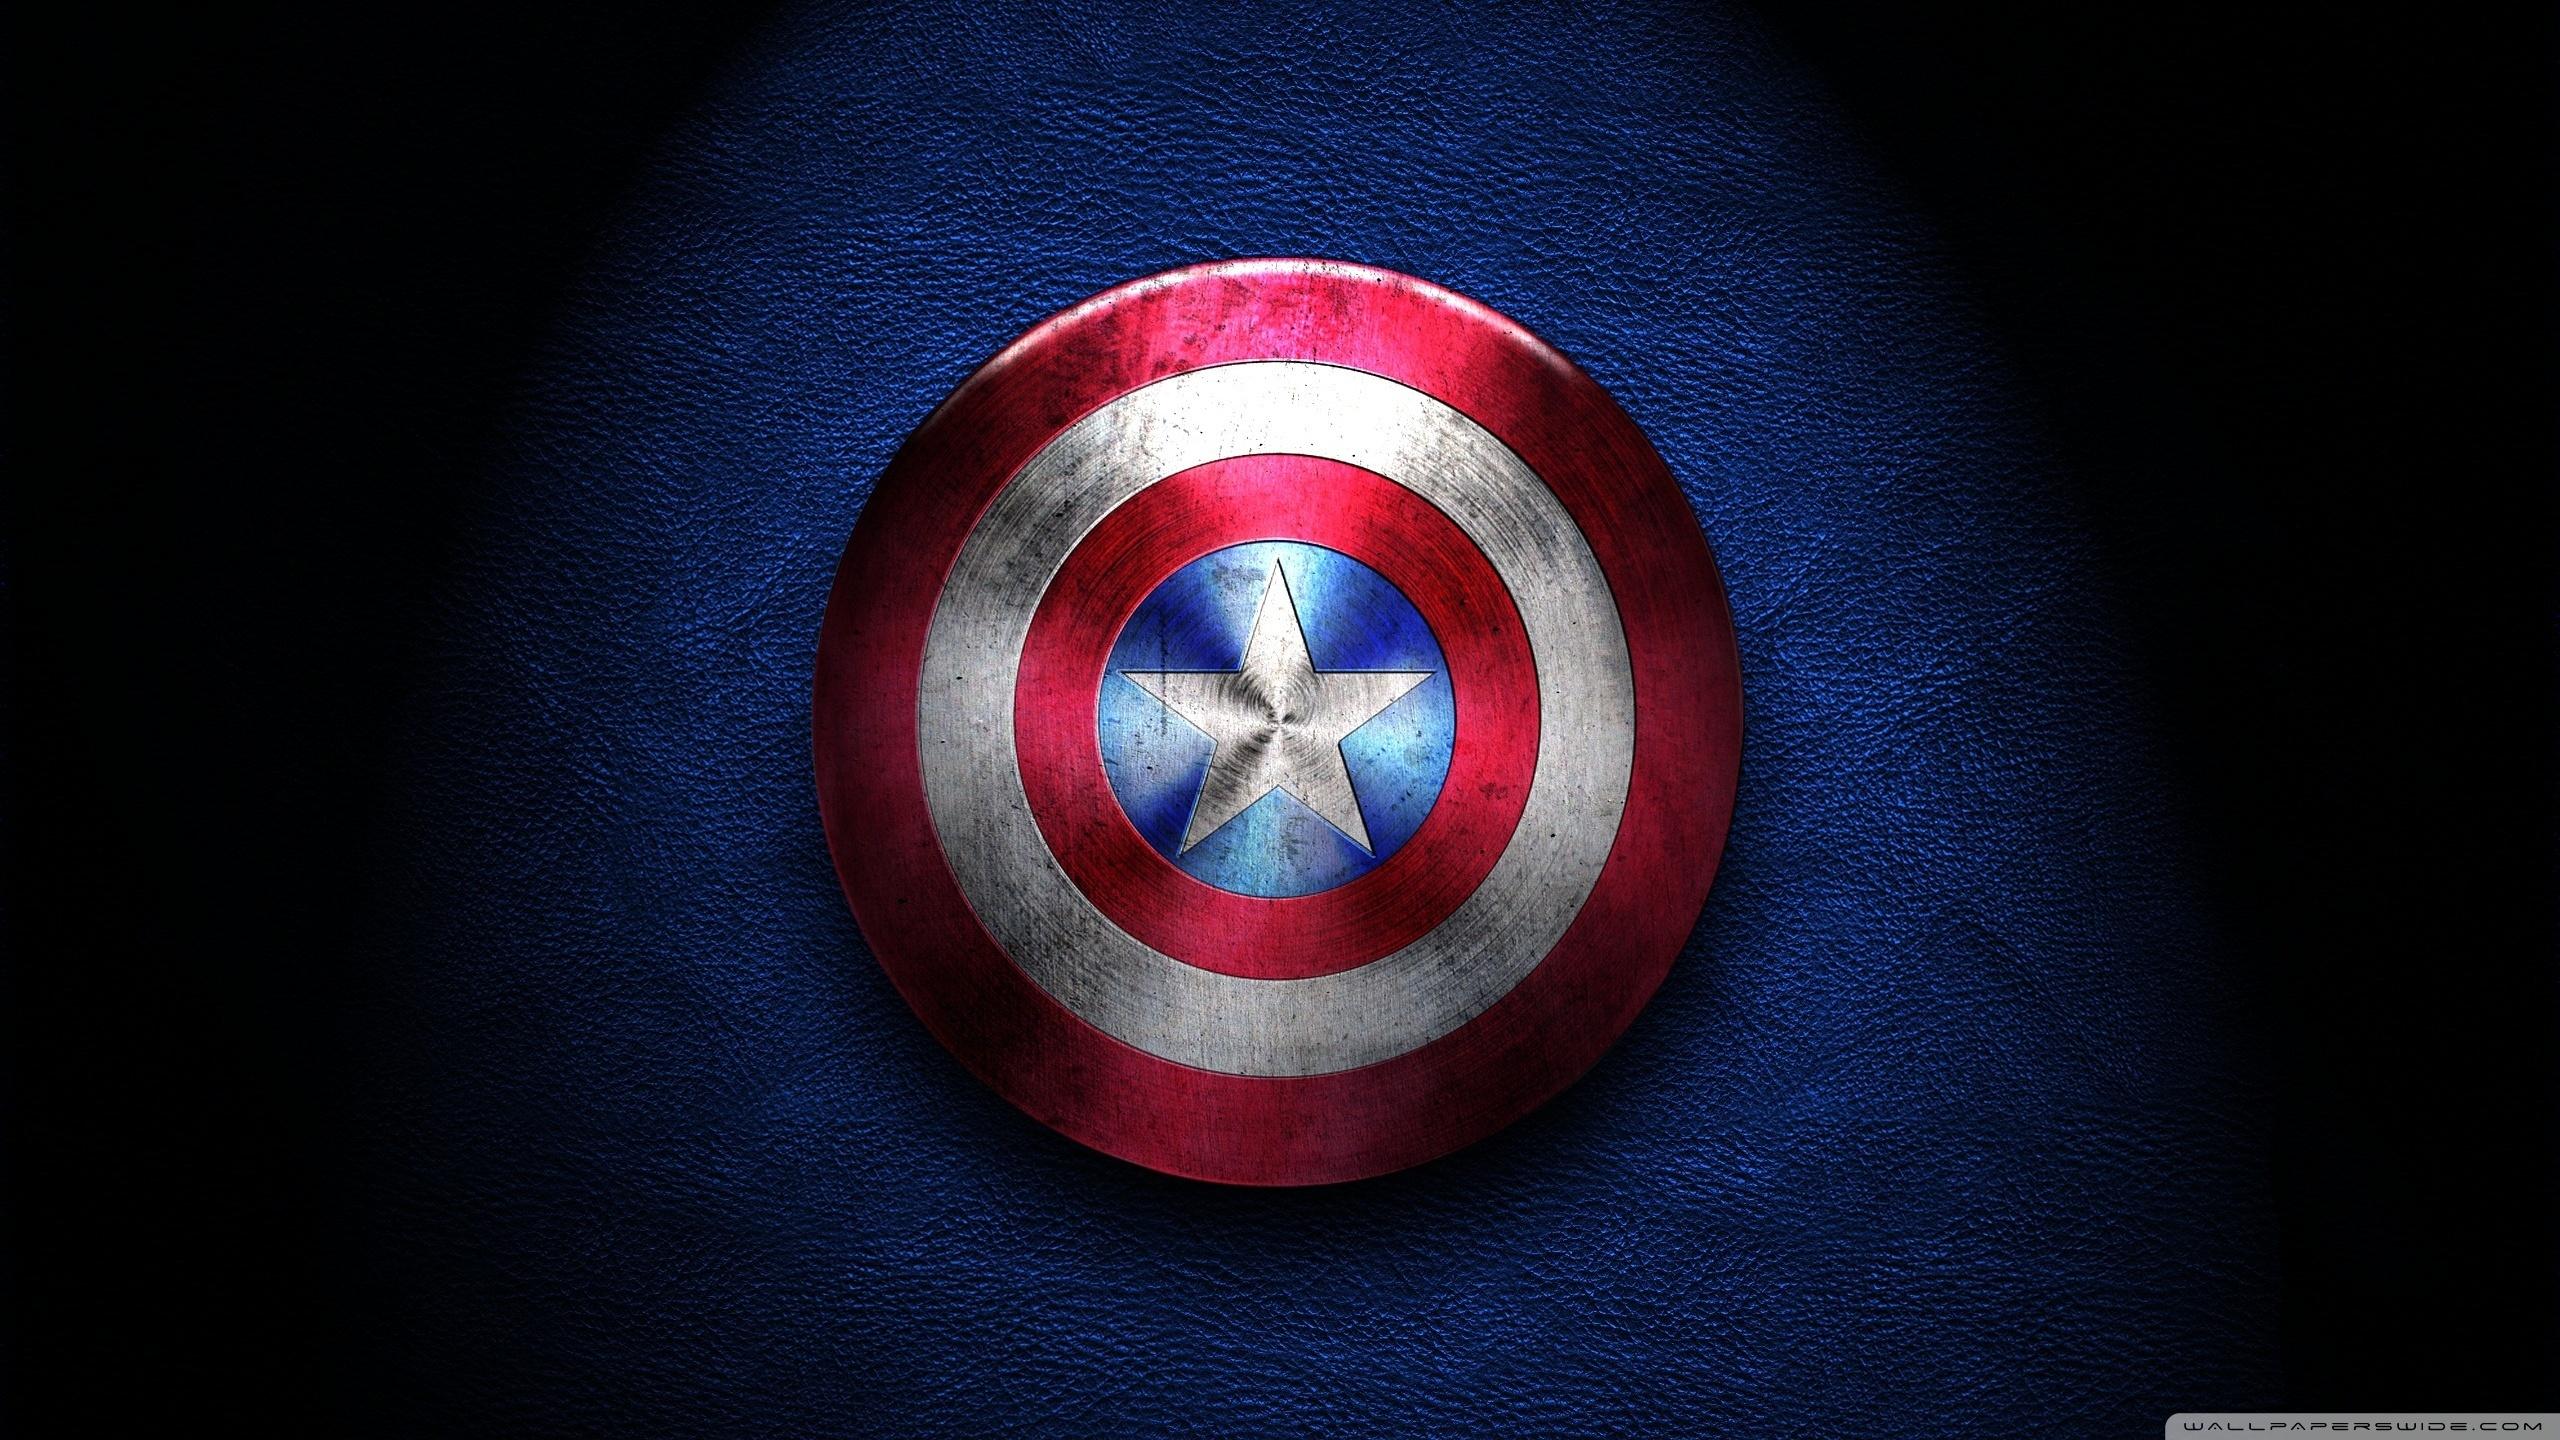 Captain America Shield 4K HD Desktop Wallpaper for 4K Ultra HD 2560x1440